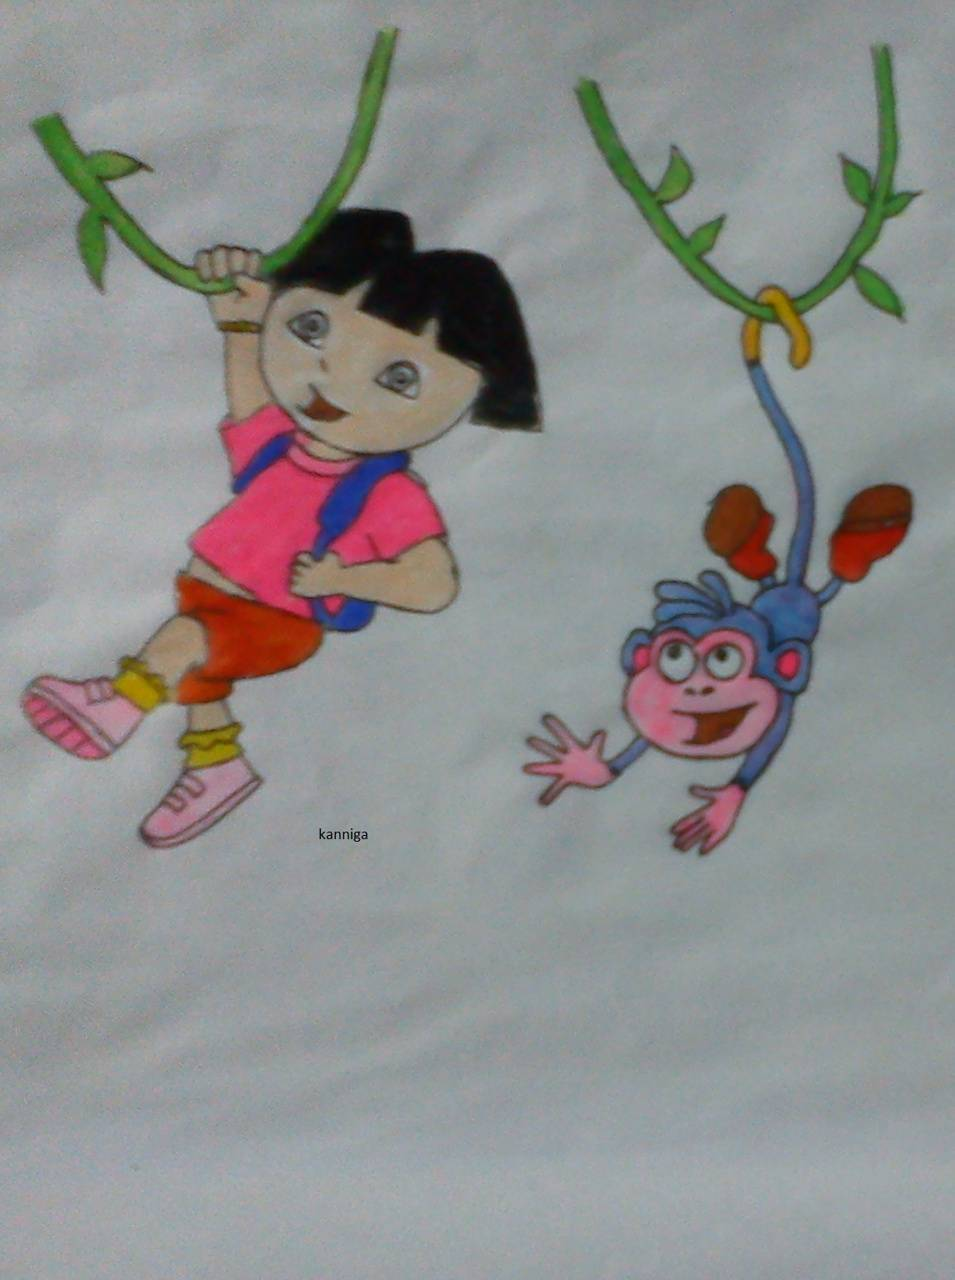 Doraboots